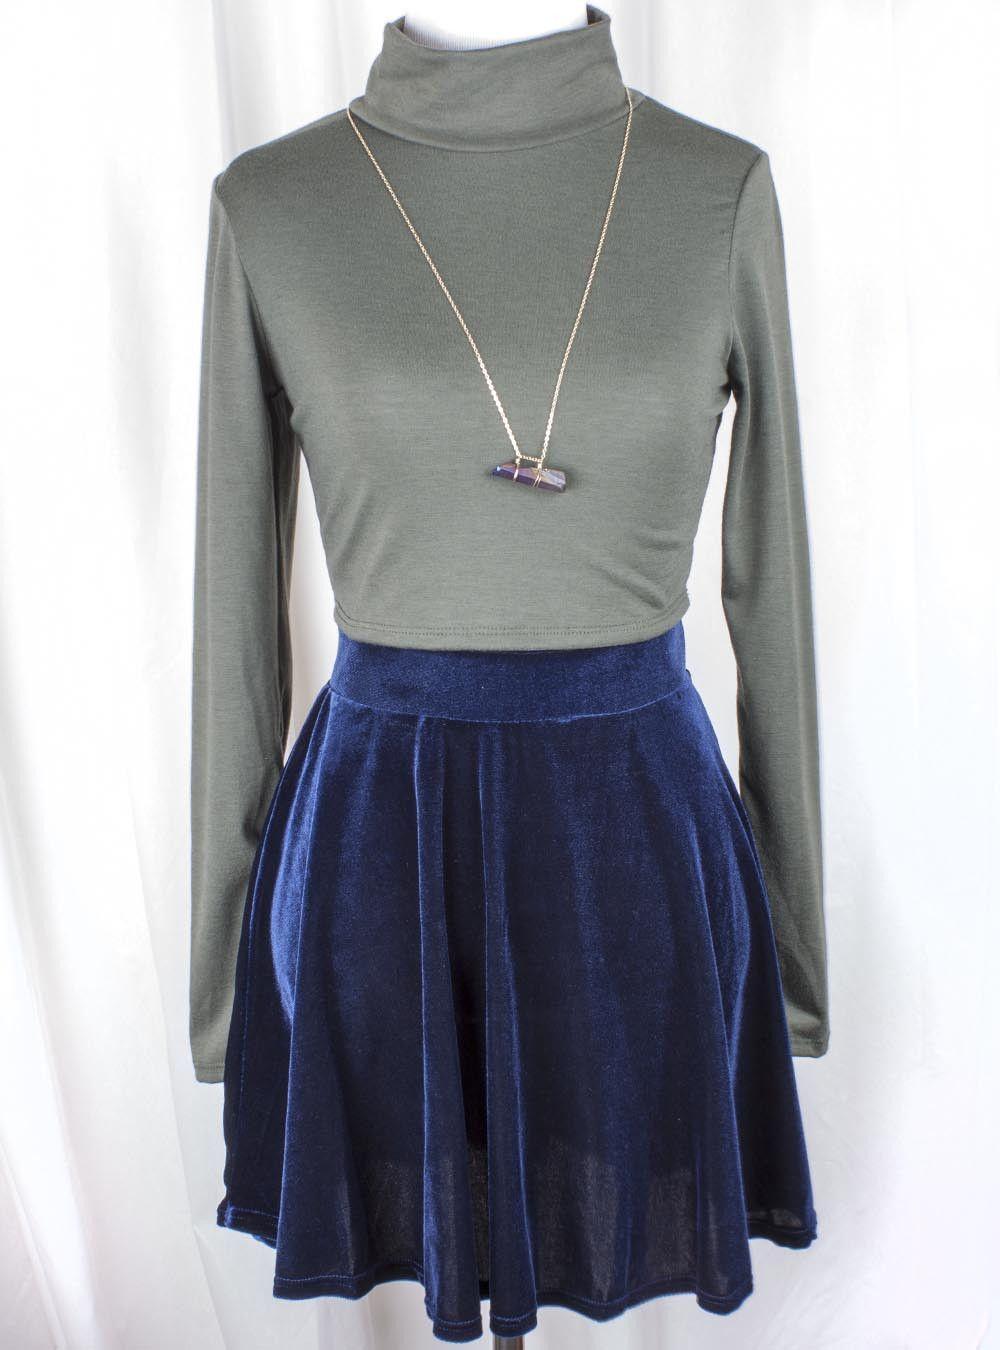 Isabella Blue Velvet Skater Skirt at Beatnik Emptiness | My Style ...